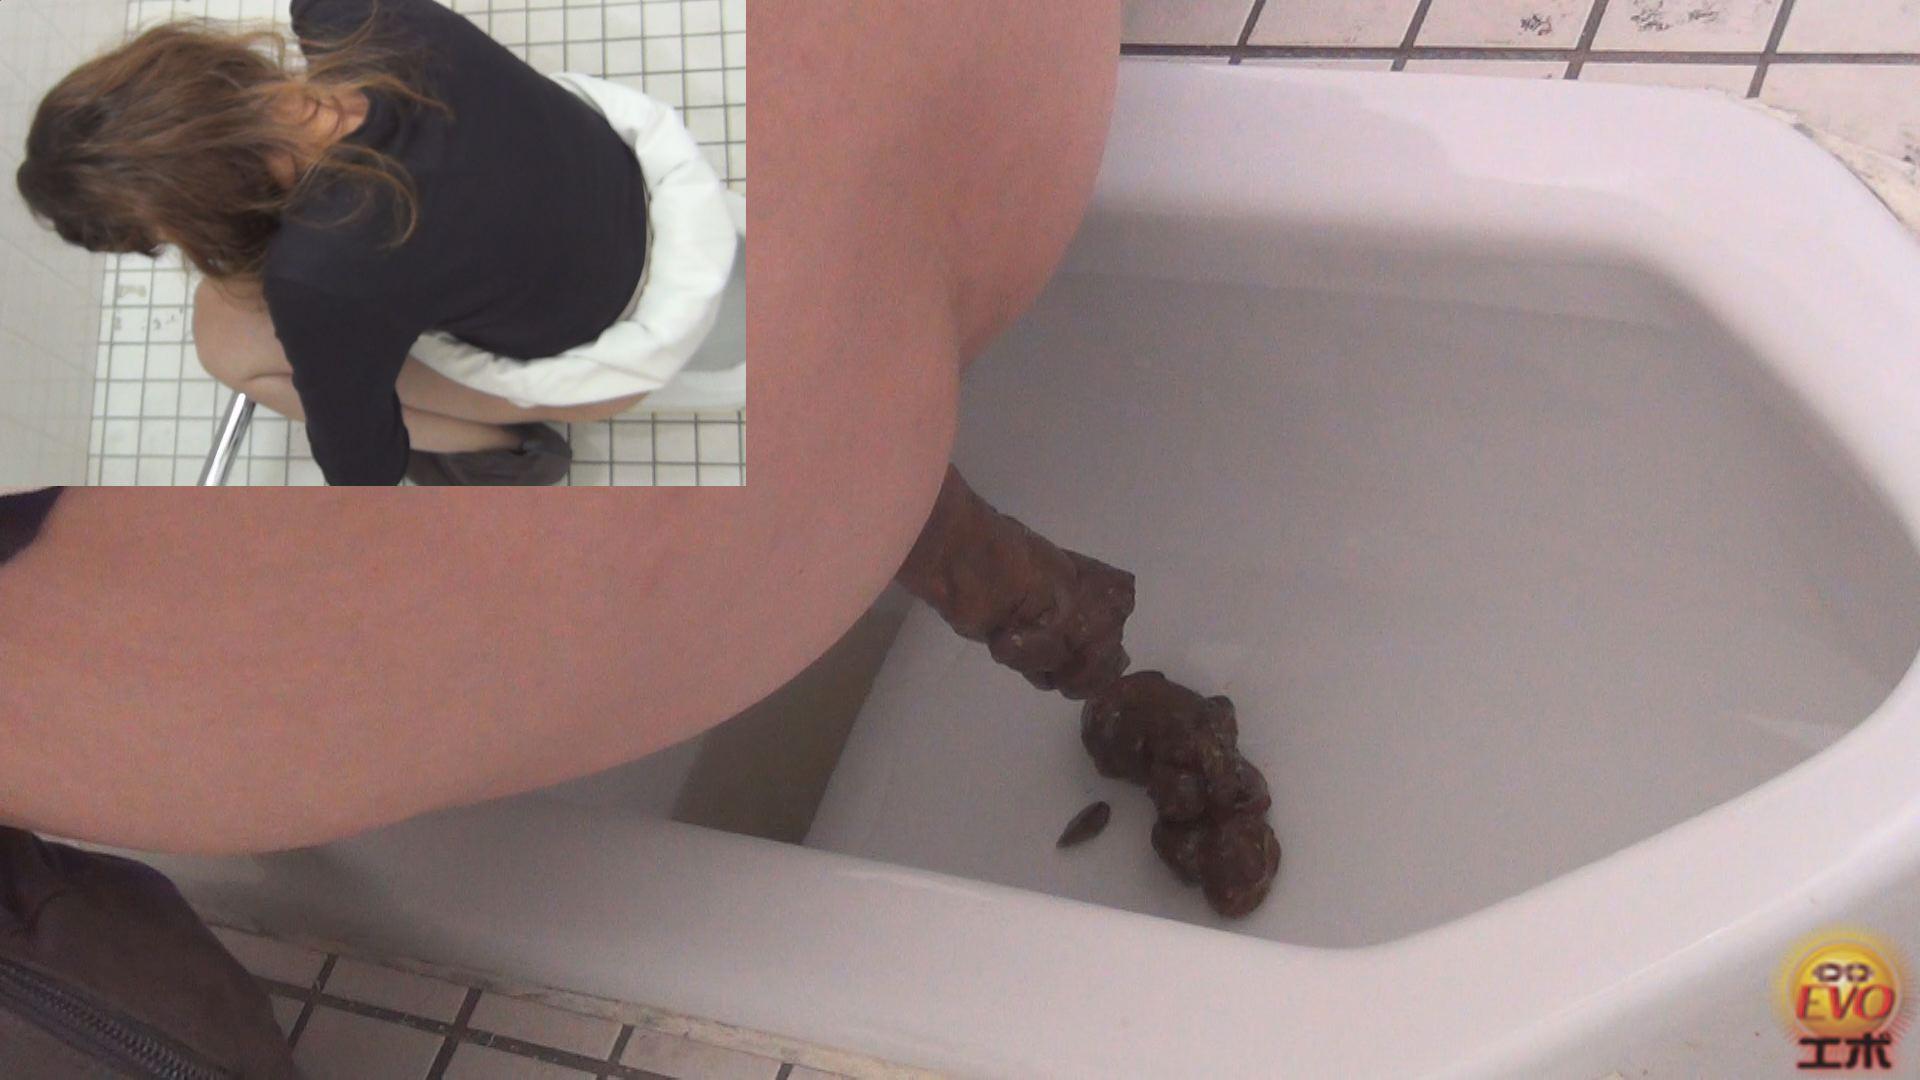 トイレを覗き画像